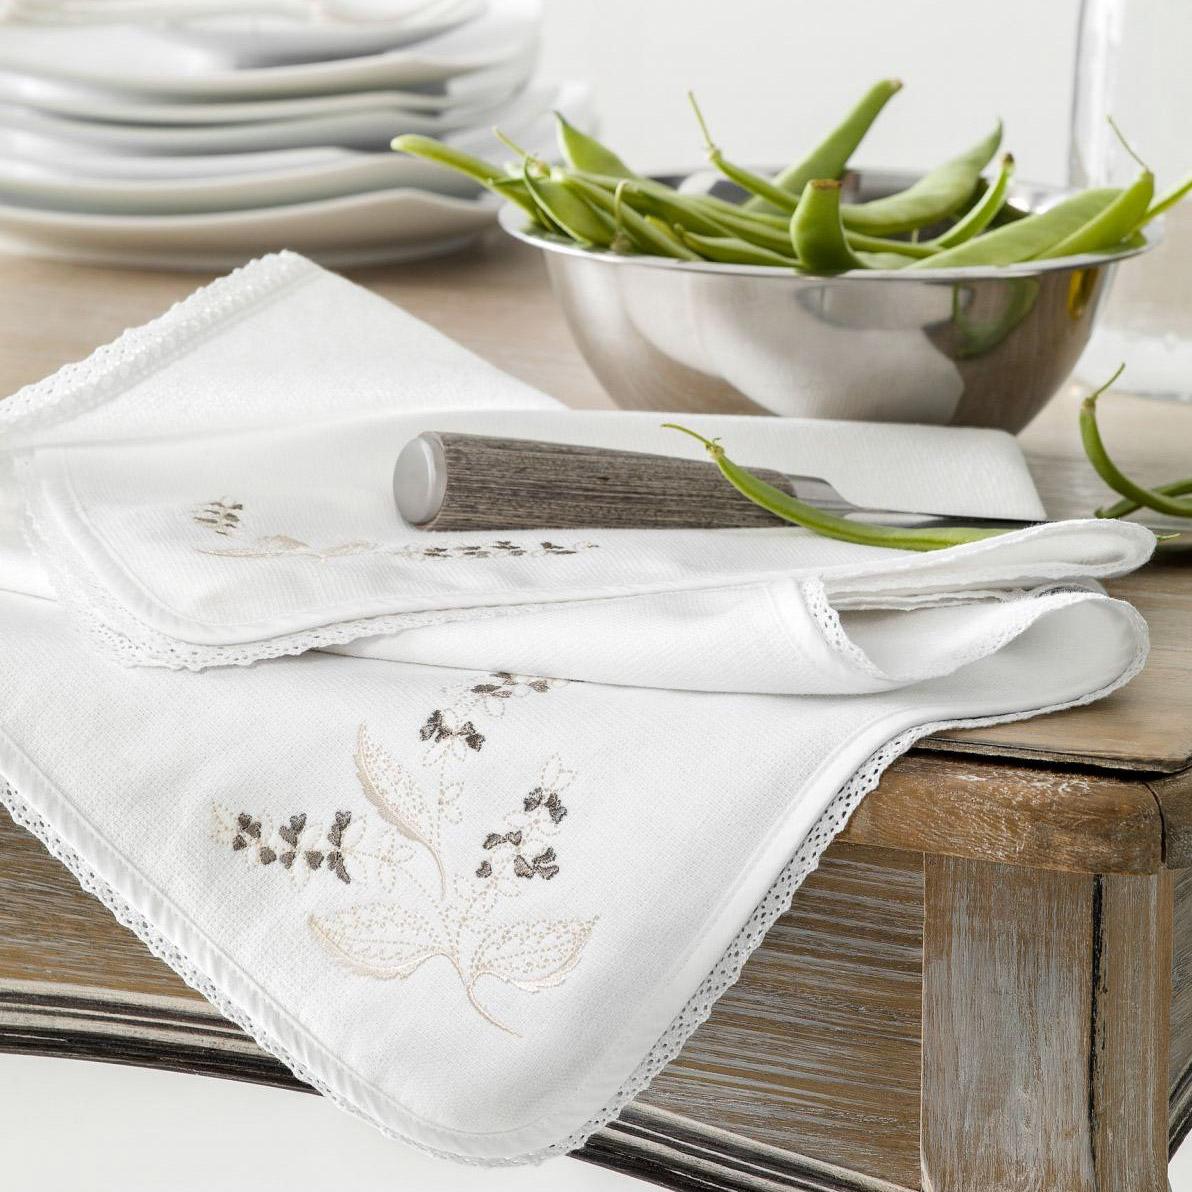 комплект из 3 х кухонных полотенец dinosti год хрюши Комплект полотенец кухонных Togas базилик белый/бежевый 40х60-2